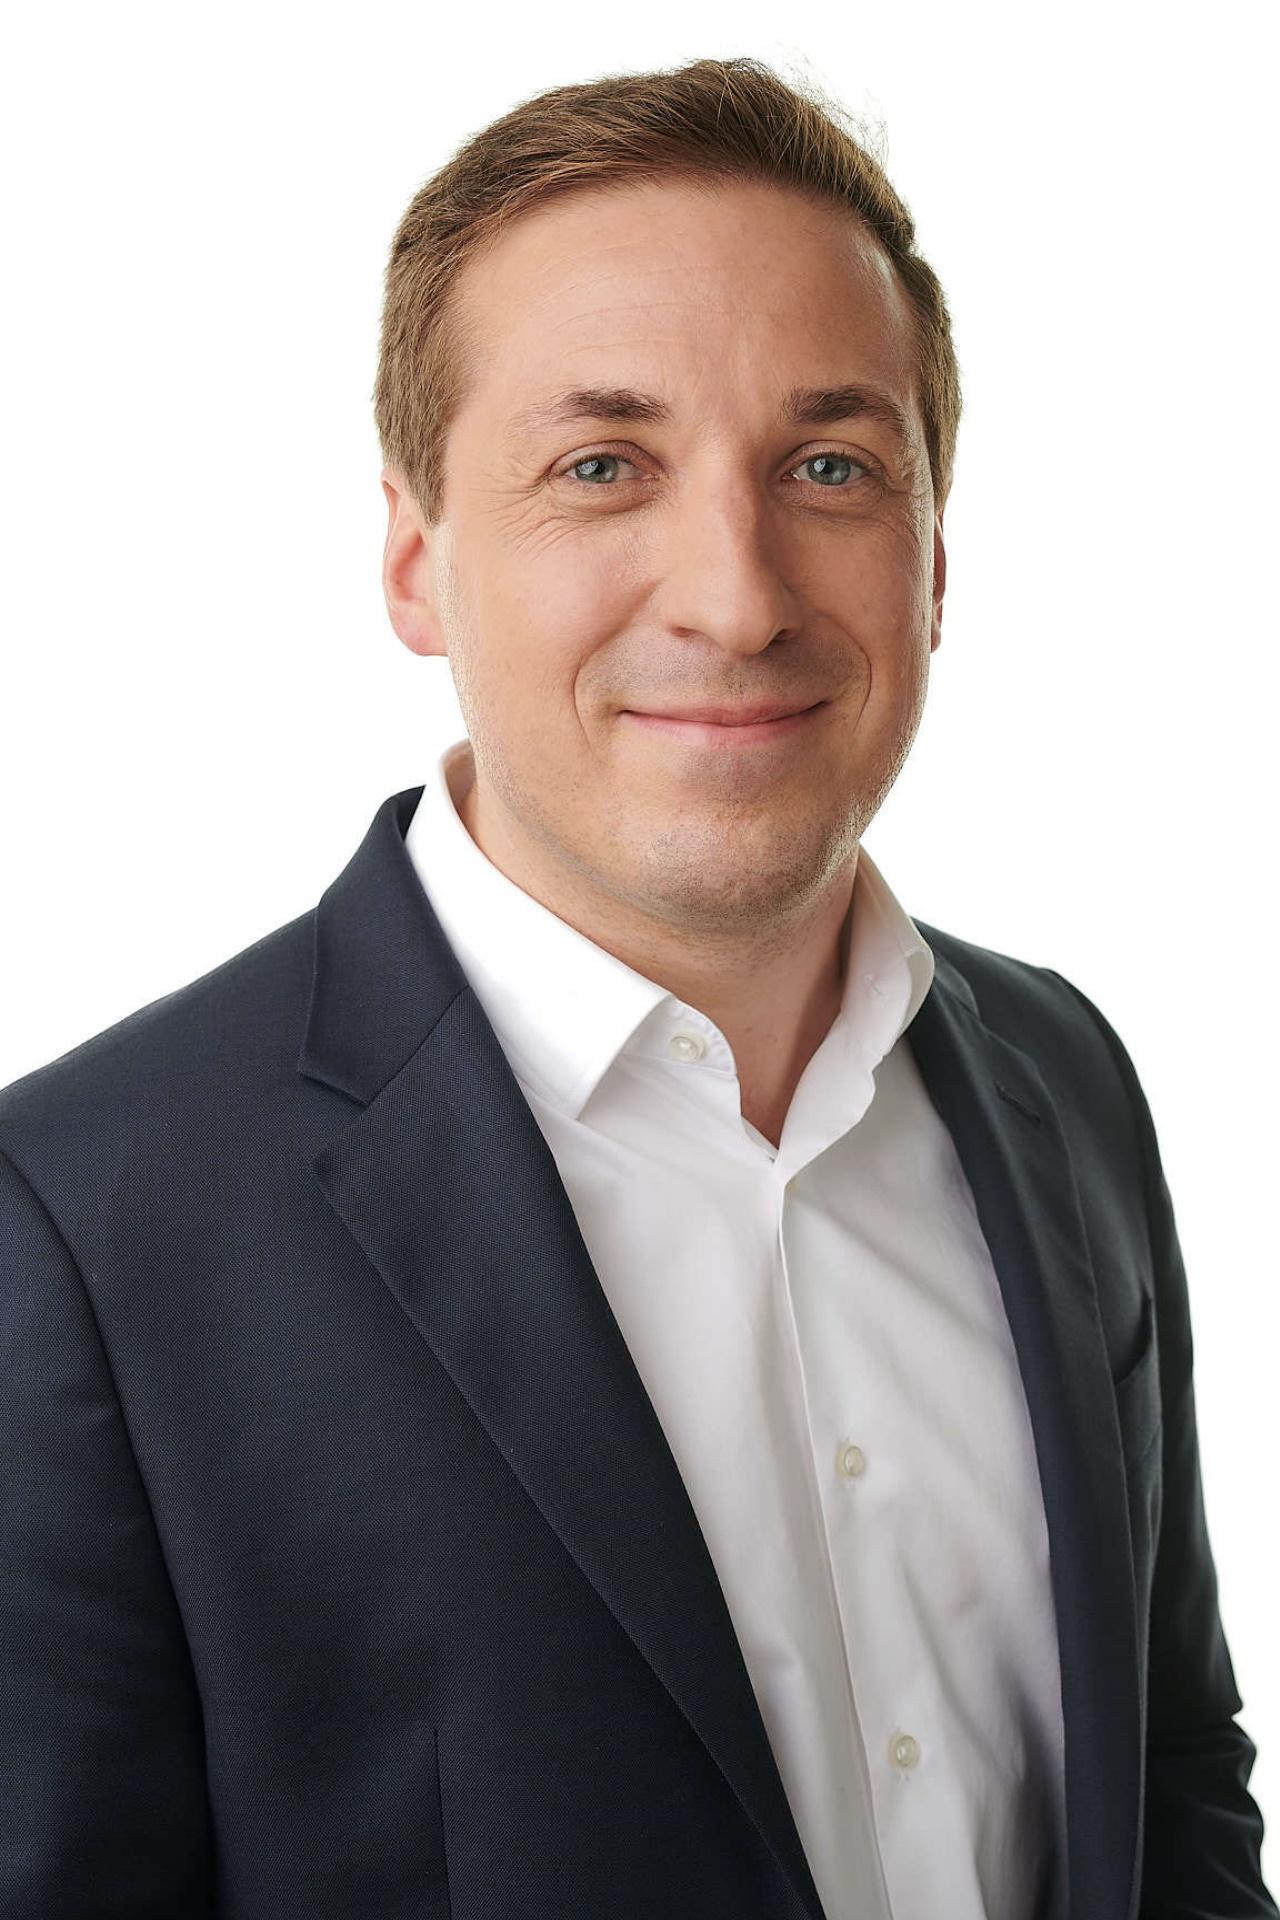 Dipl. Ing. (FH) Christoph Granig